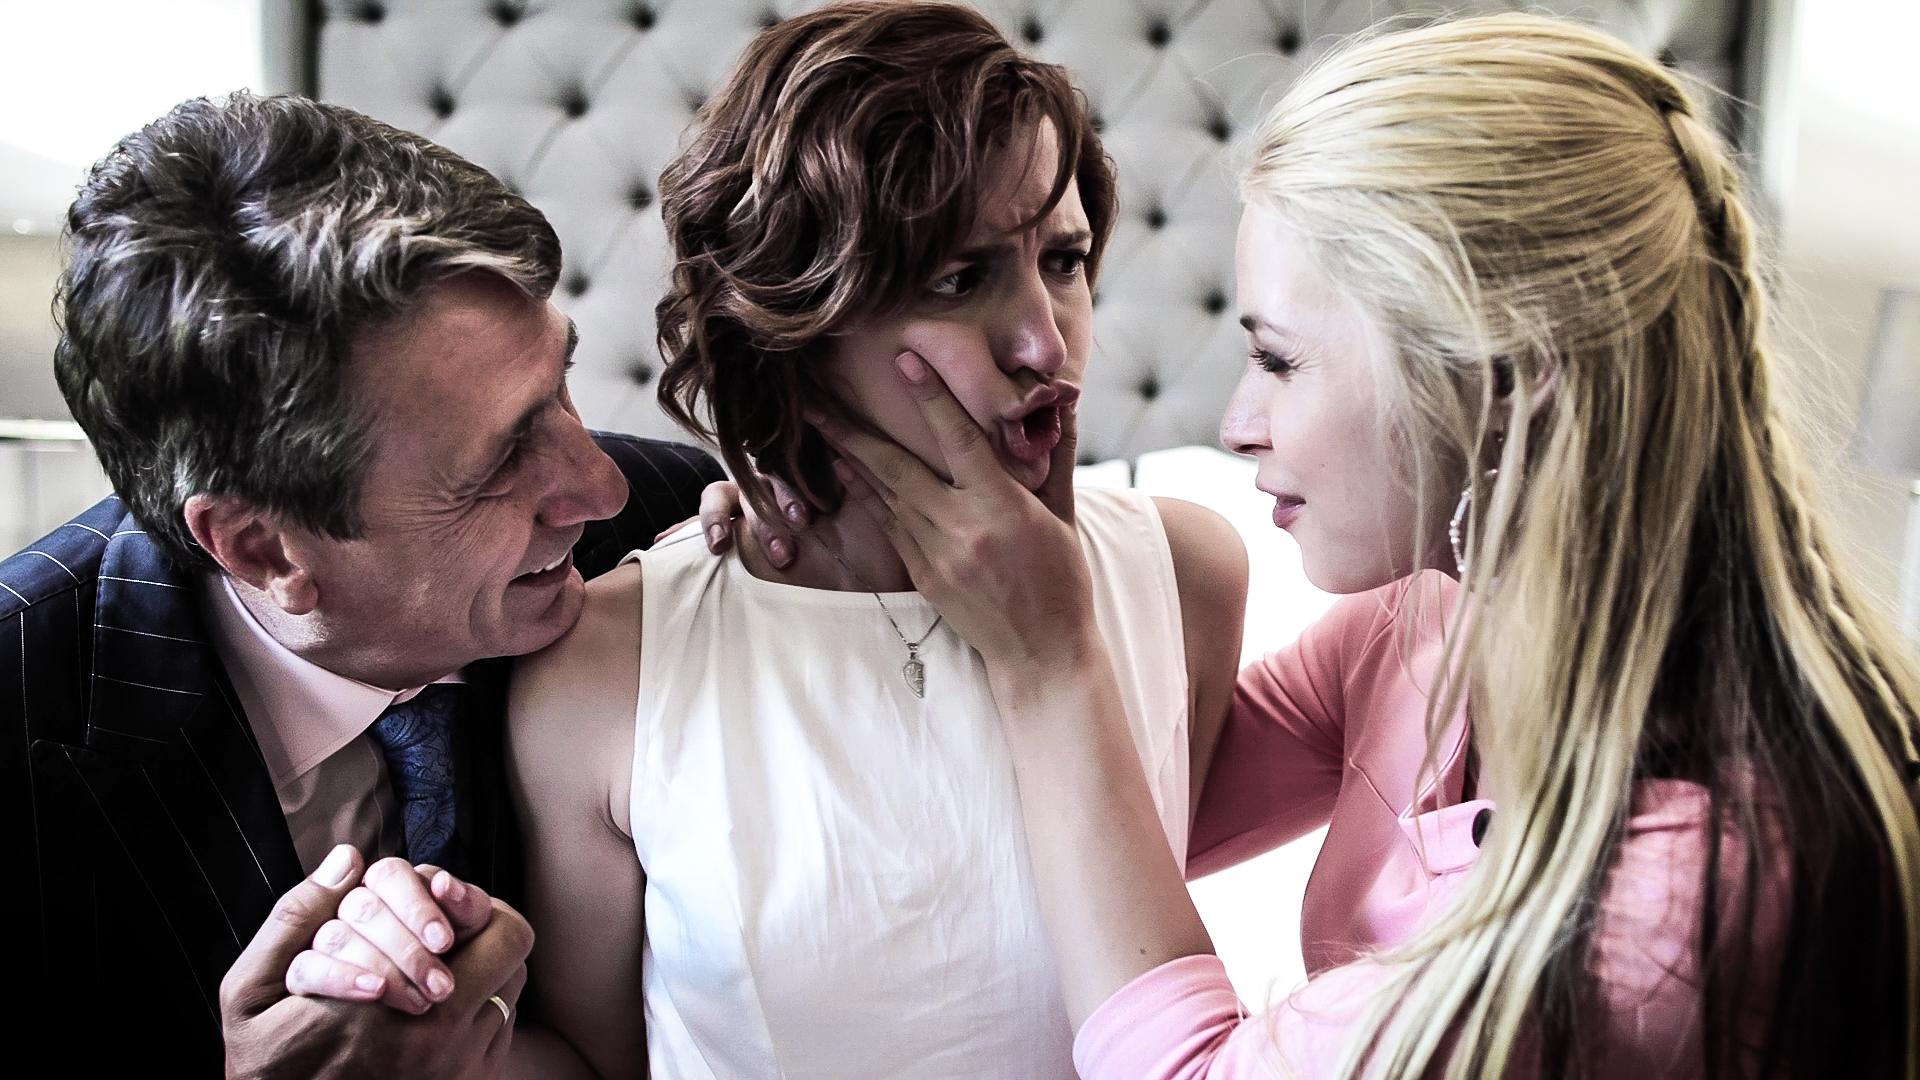 Anne, Vandella and Holmes